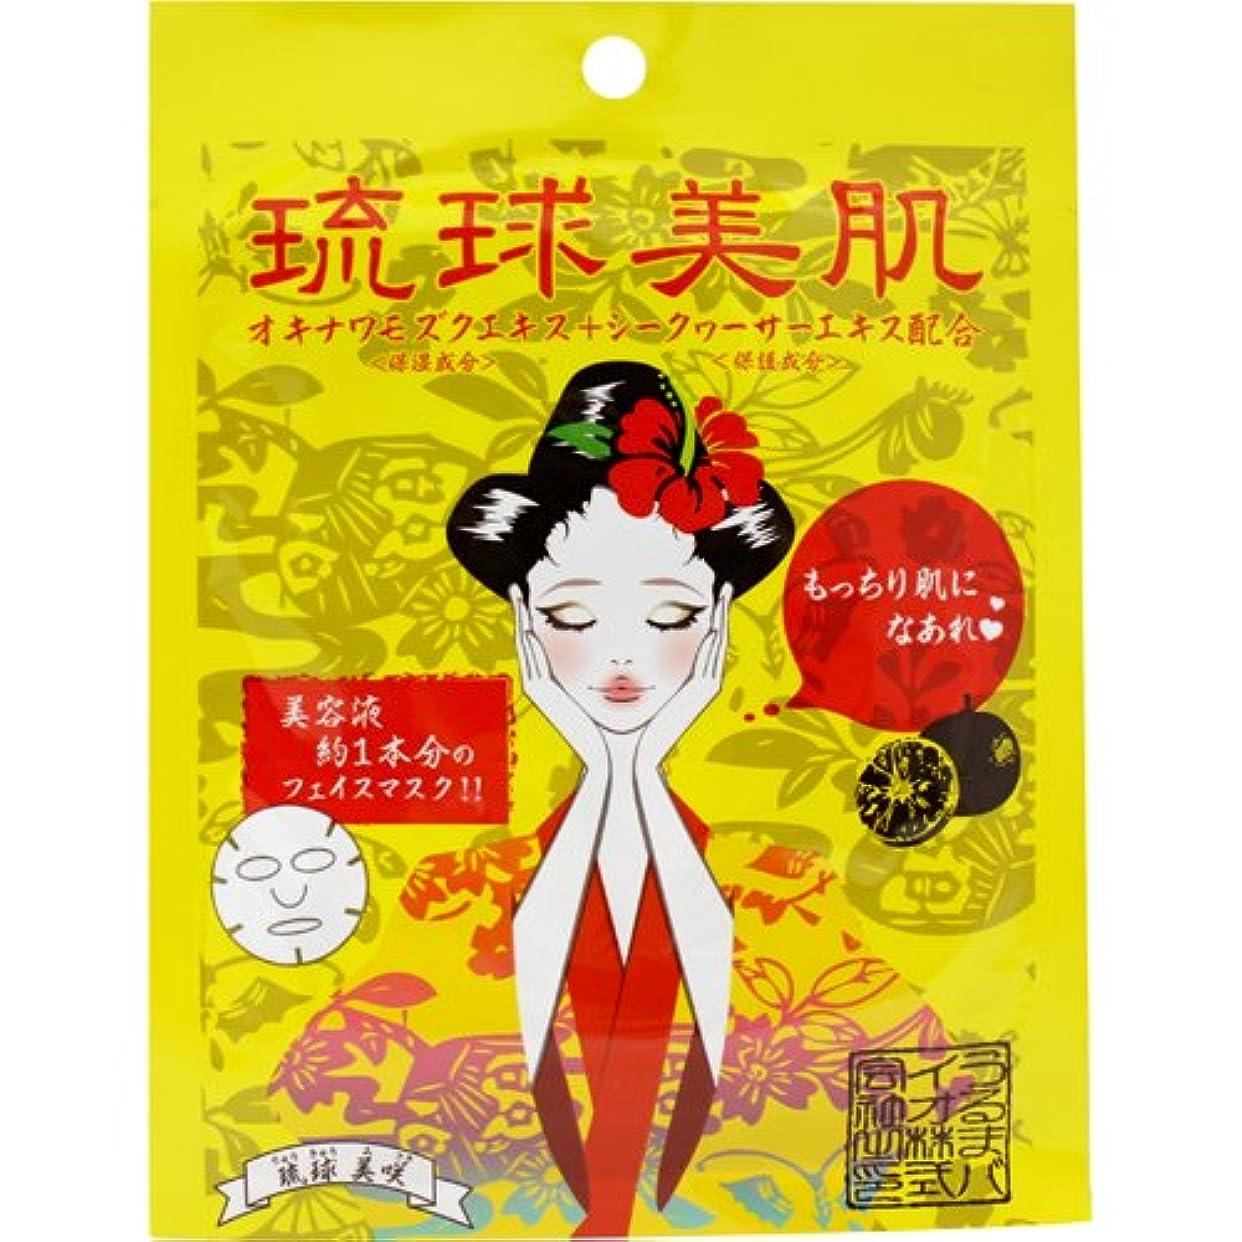 正当化するバンカー食器棚琉球美肌 フェイスマスクシート シークヮーサーの香り 10枚セット